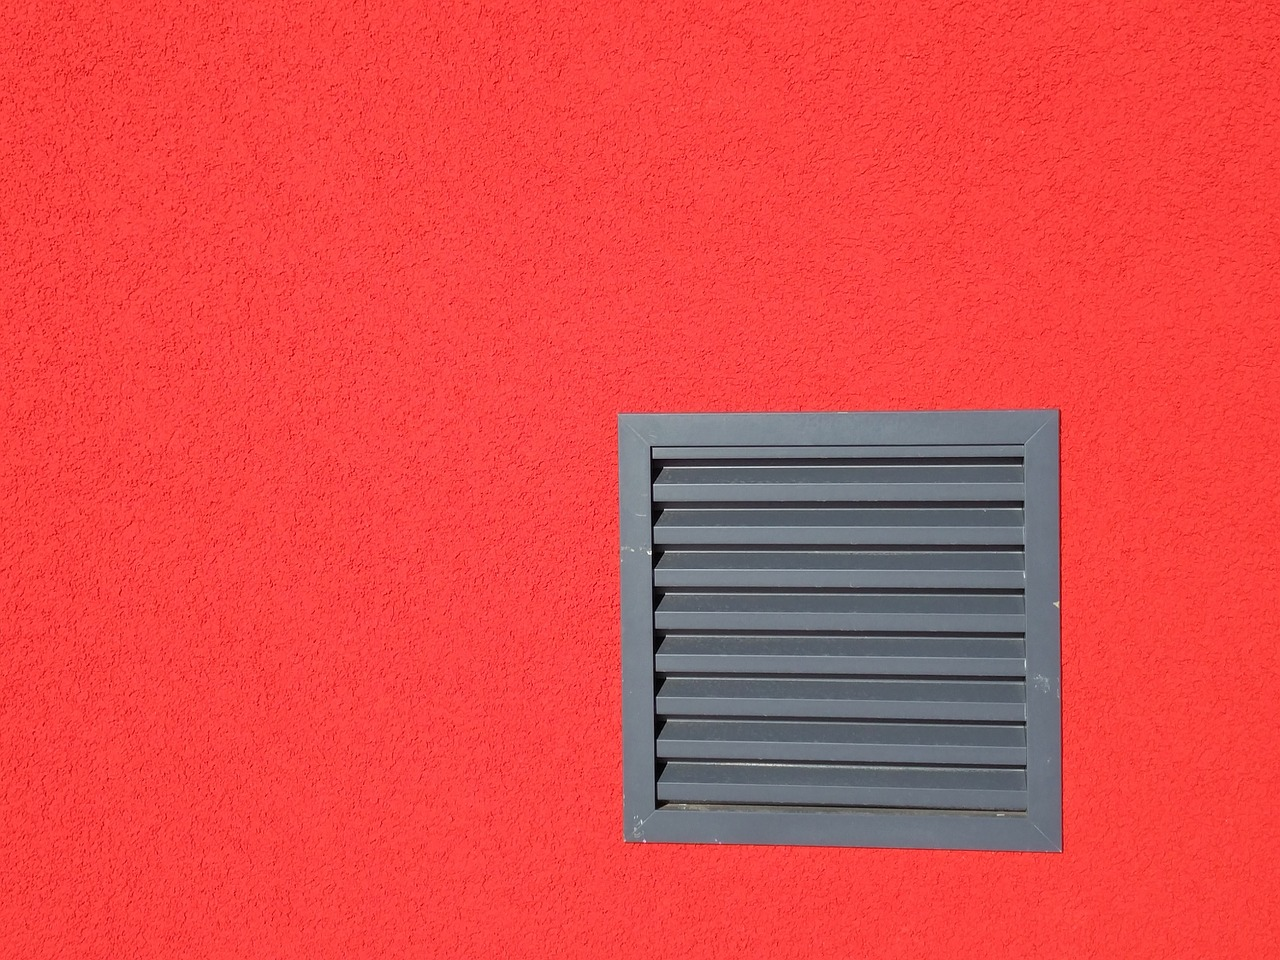 Czerwona ściana z czarną kratką wentylacyjną, z której wieje